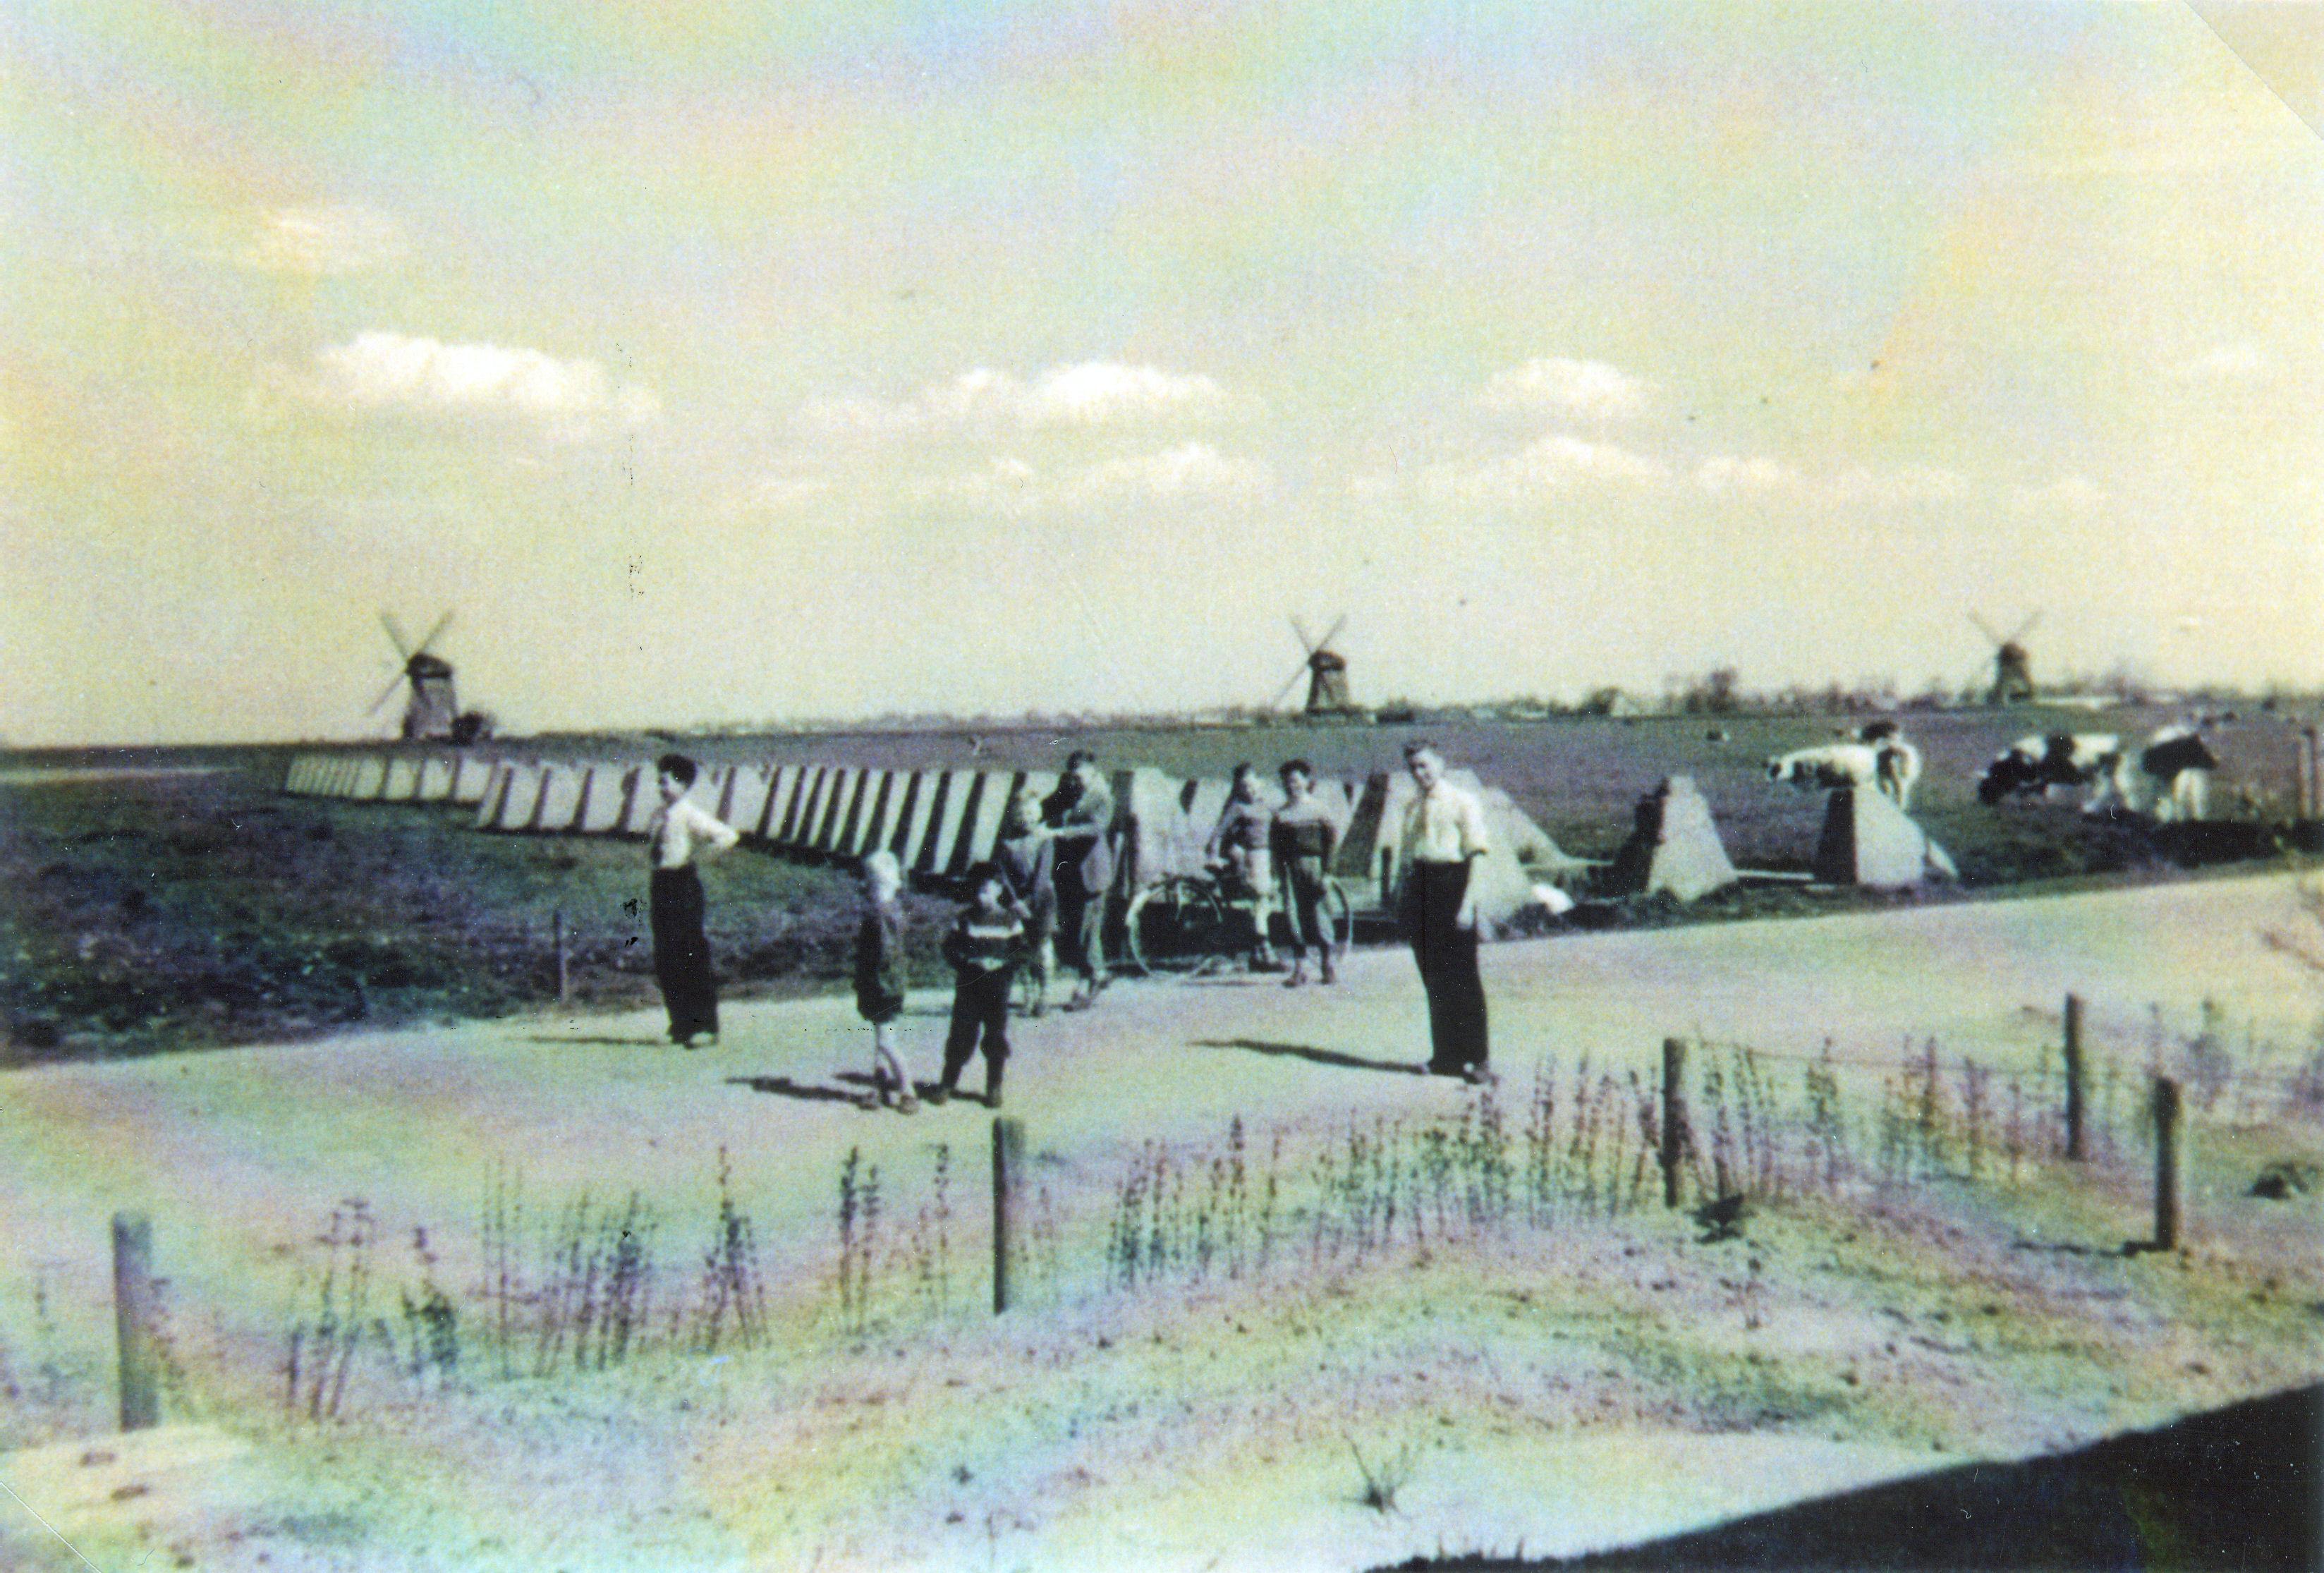 Leden van de familie Risa, Koning en Pieters bij het noordelijk deel van de tankwal aan de Munnikenweg, op de achtergrond de Molenkade. Foto: uit privécollectie.